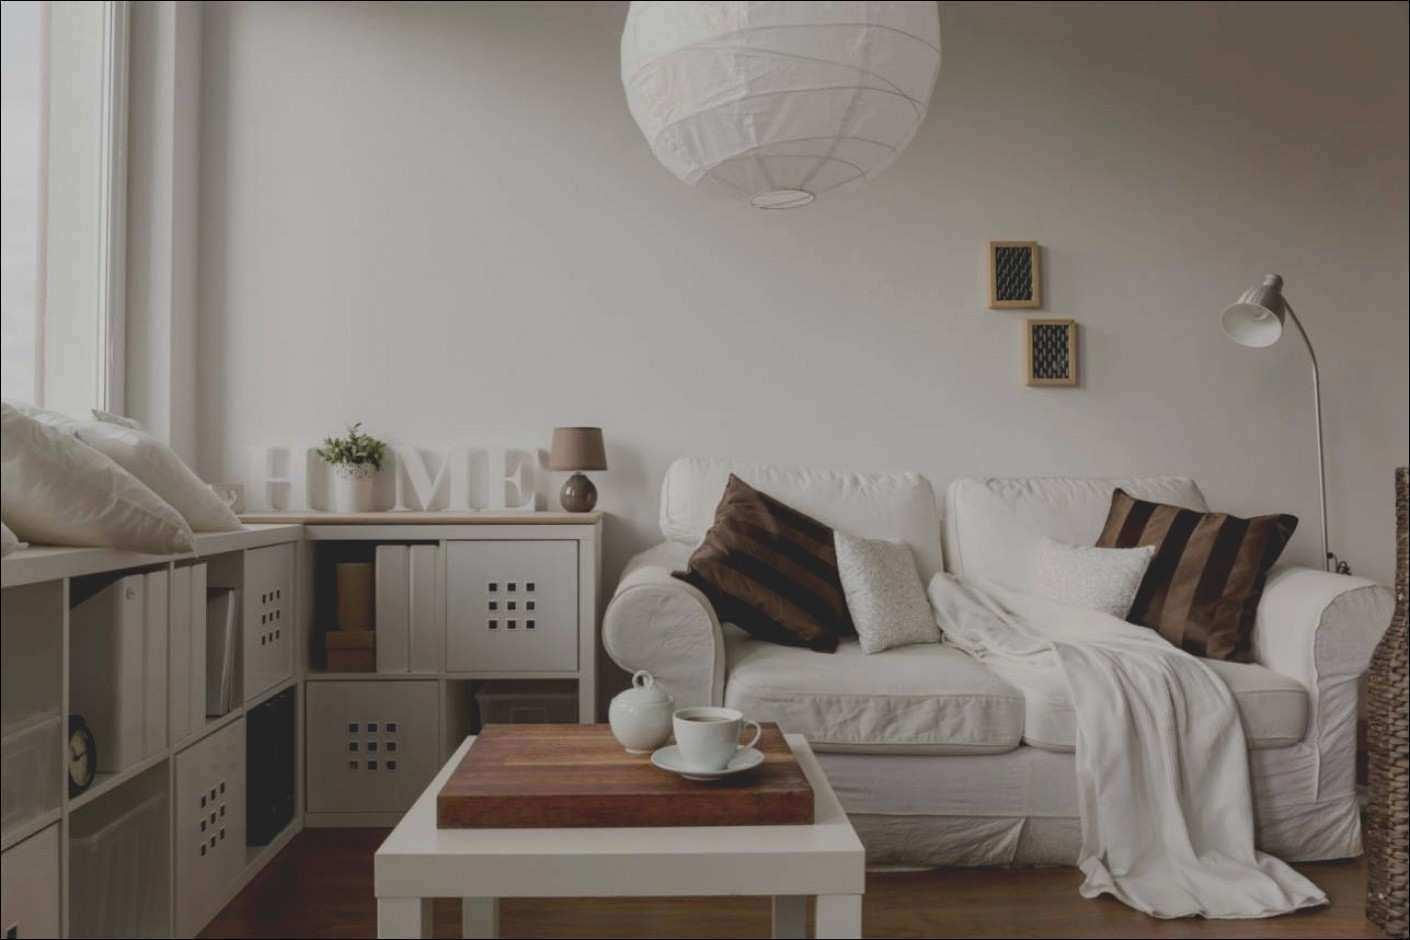 1 zimmer wohnung einrichten ideen luxus wanddeko wohnzimmer ideen neu wanddekoration wohnzimmer 0d of 1 zimmer wohnung einrichten ideen